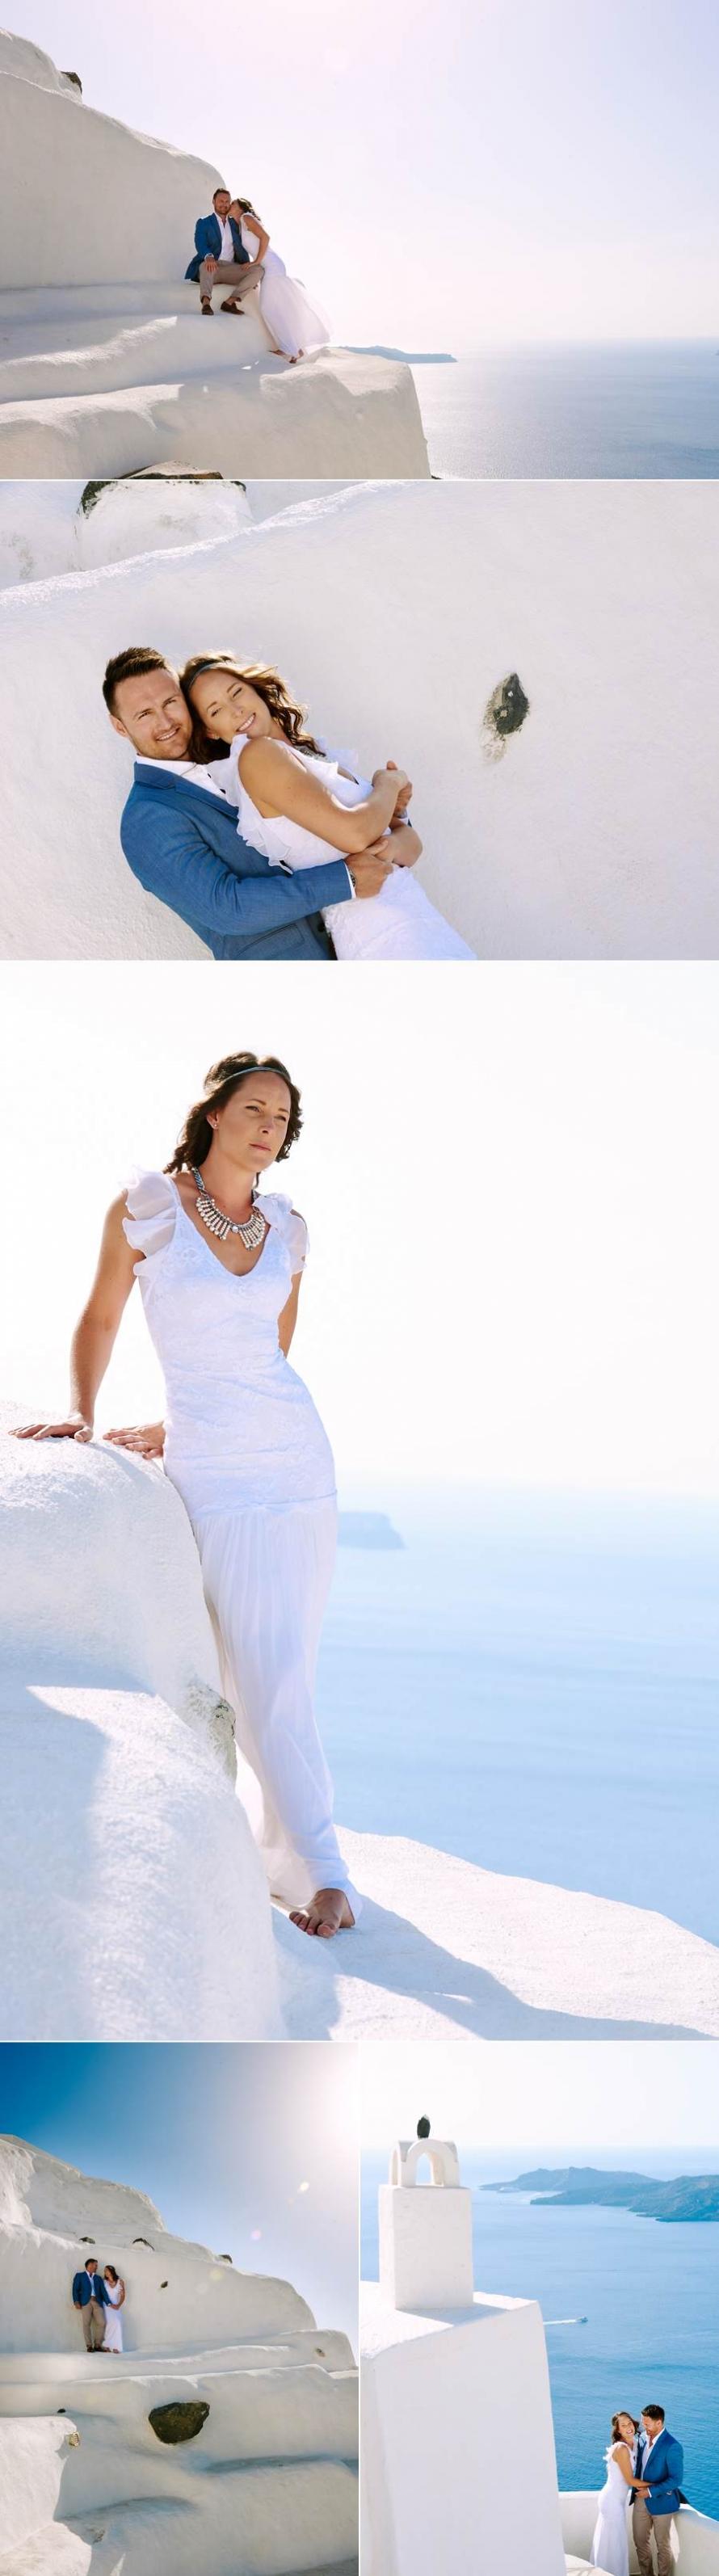 Bradon Jeena wedding photos_07